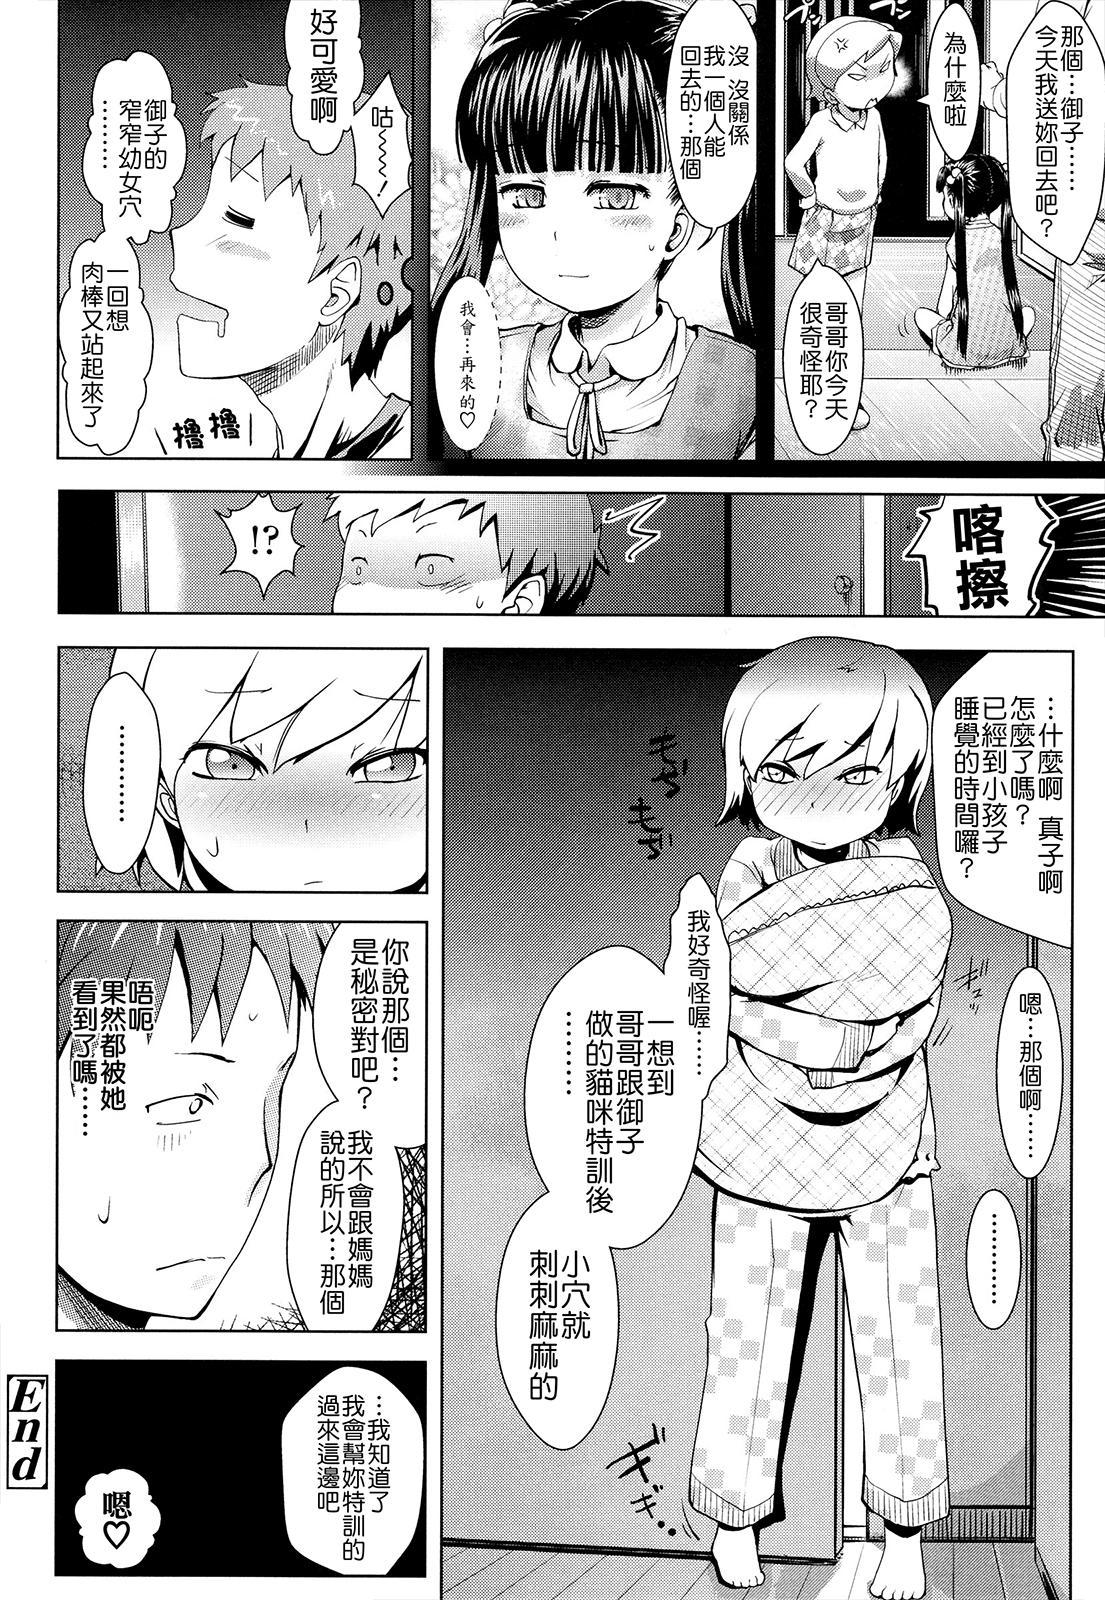 Oni-chan no Suki Ni Site!? 165